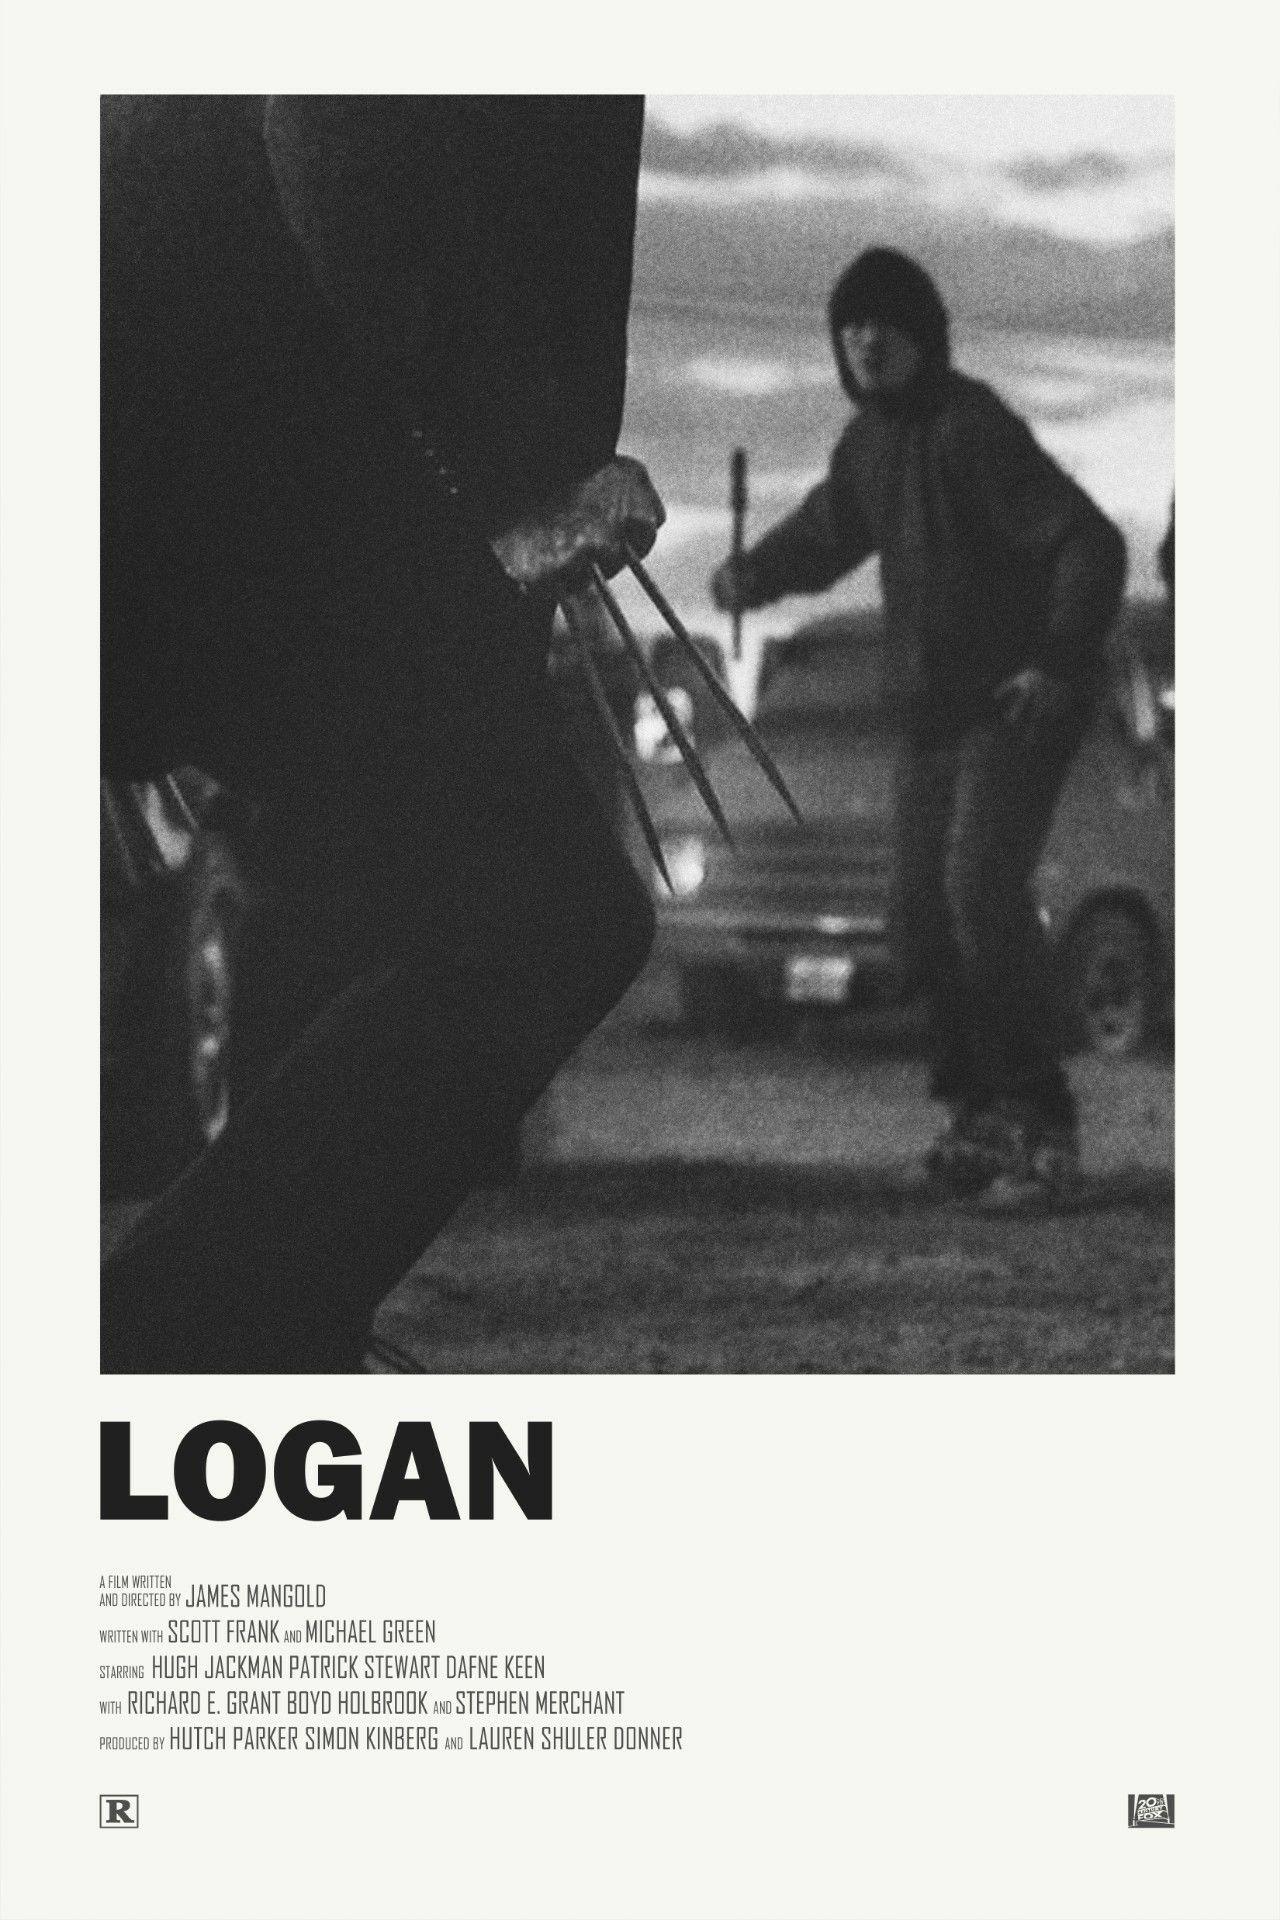 Logan alternative movie poster #filmposterdesign